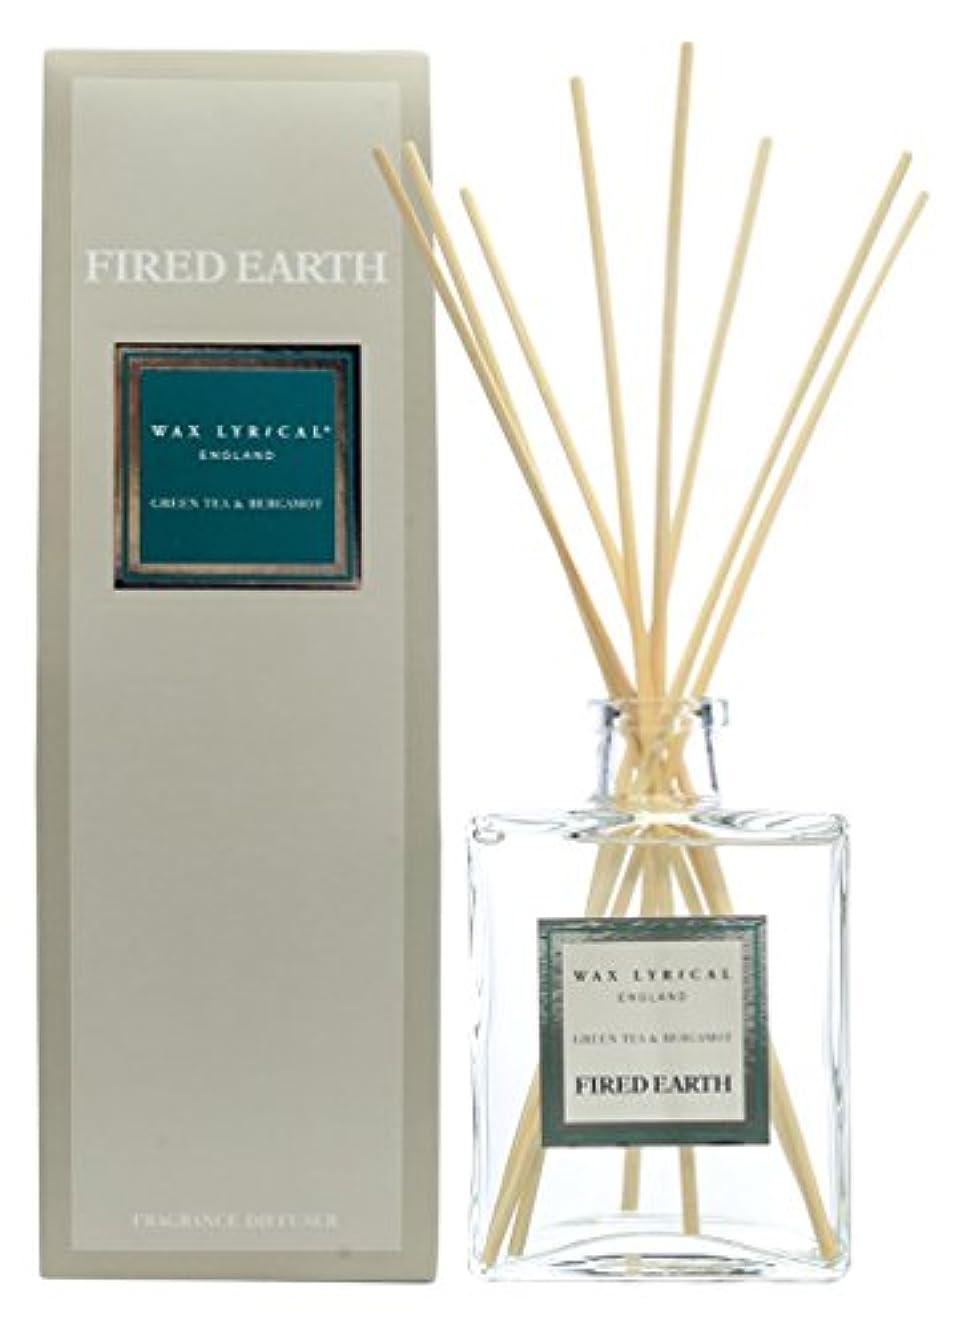 蒸子豚木WAX LYRICAL ENGLAND FIRED EARTH リードディフューザー 200ml グリーンティー&ベルガモット CNFE0102